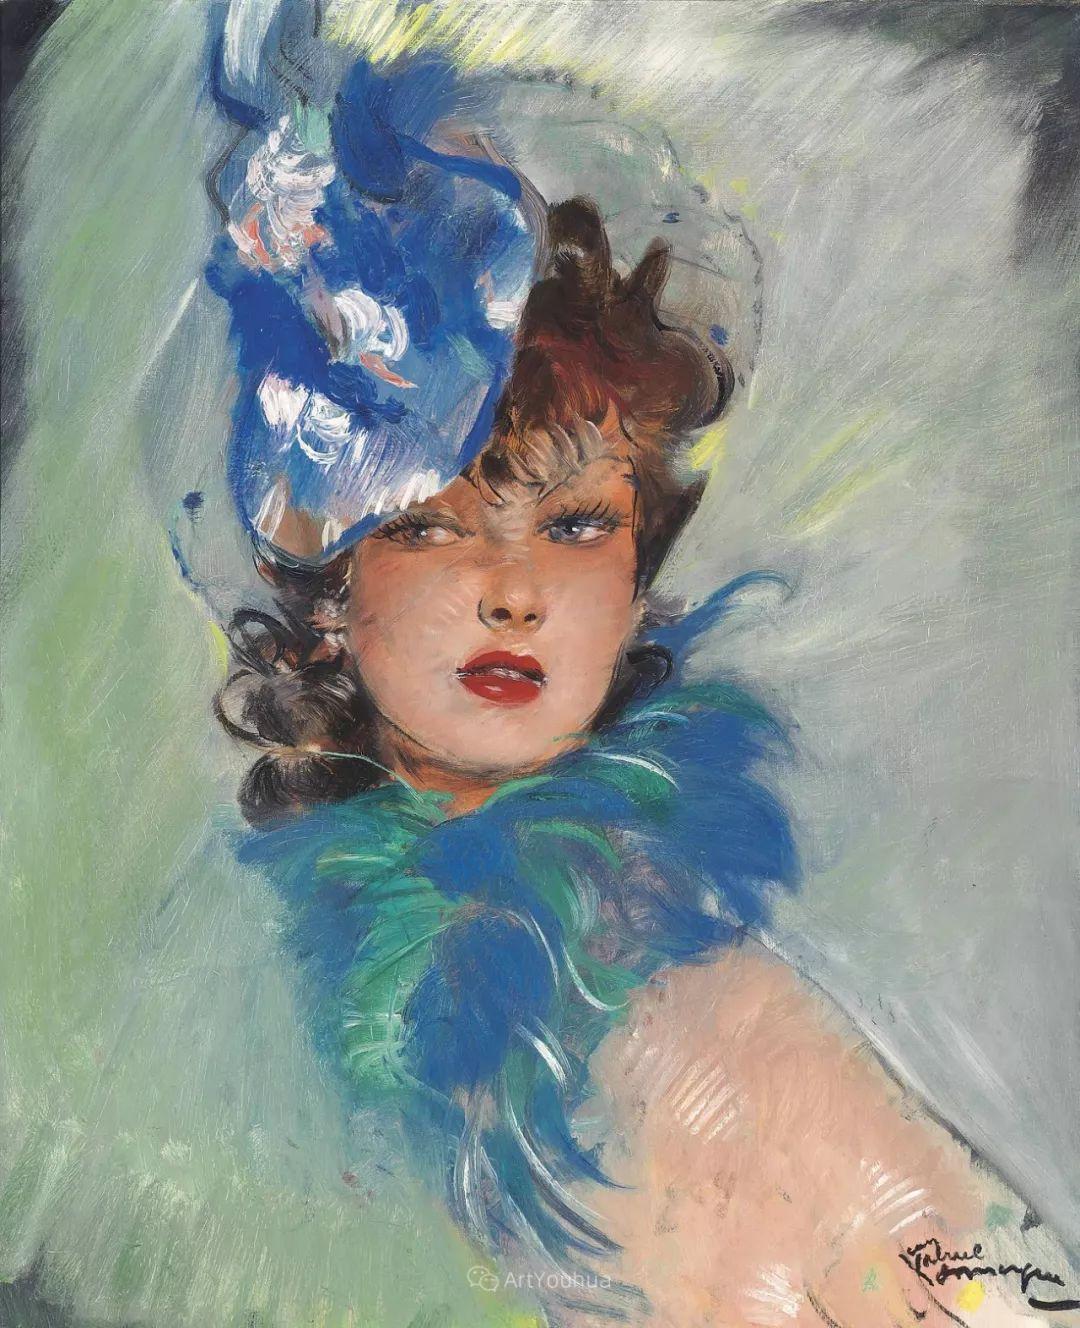 他画中的美女:典雅美丽天鹅颈,脸上带着调情趣味插图2